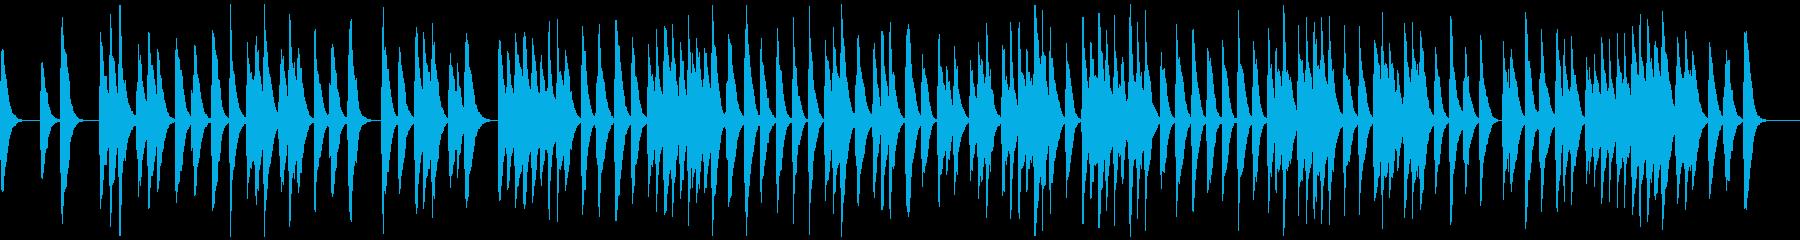 和の表現に最適(箏曲・六段の調)の再生済みの波形